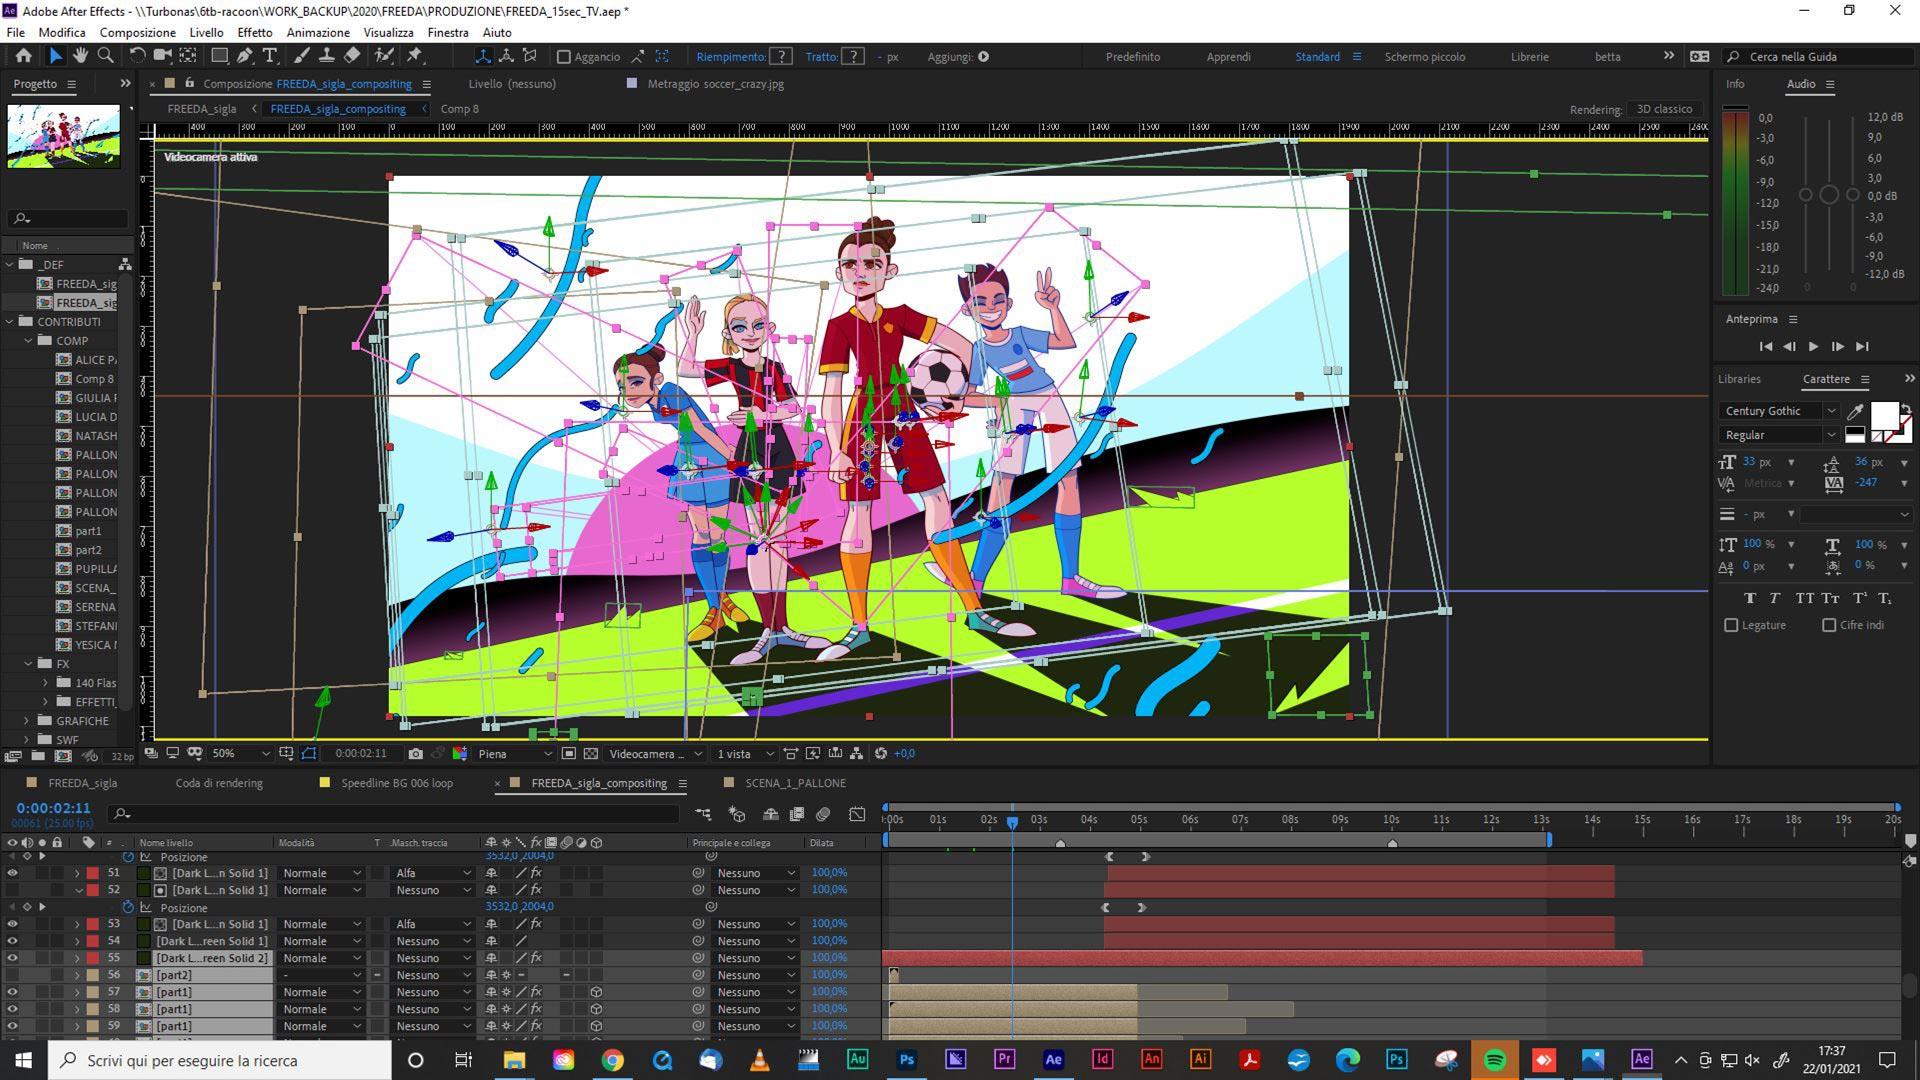 Uniche_animation_character_racoonstudio_motion_freeda_7